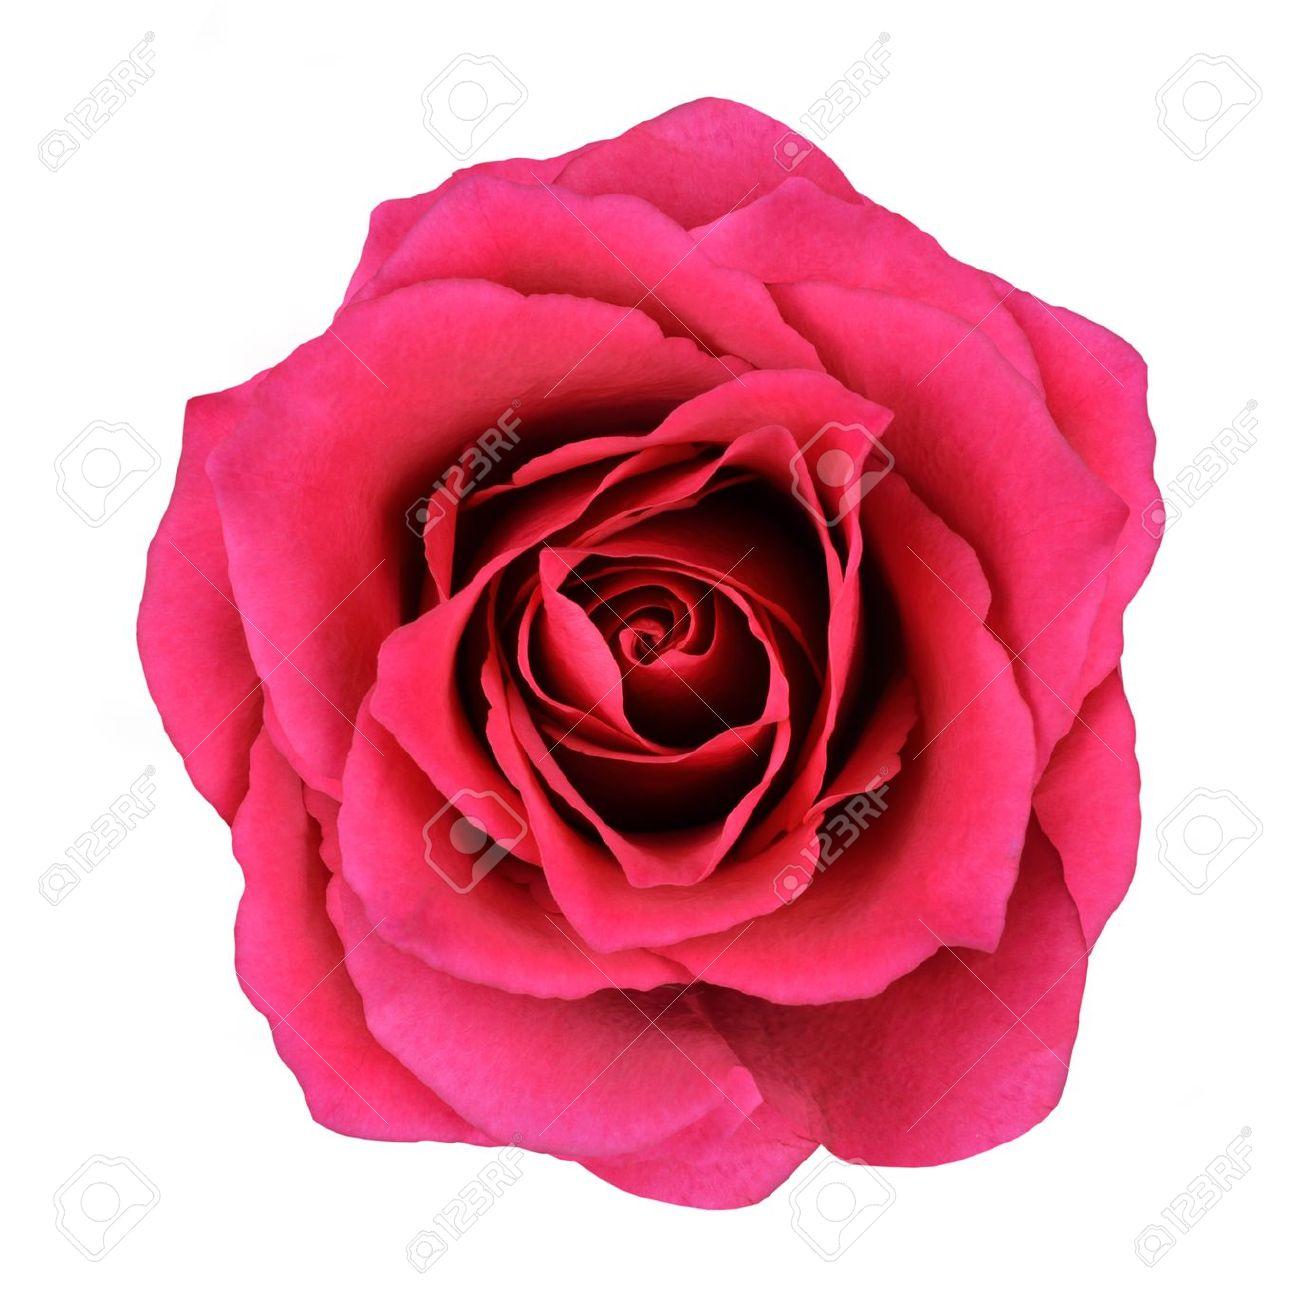 rose rouge fleur isolée sur fond blanc. vue d'en haut sur la belle